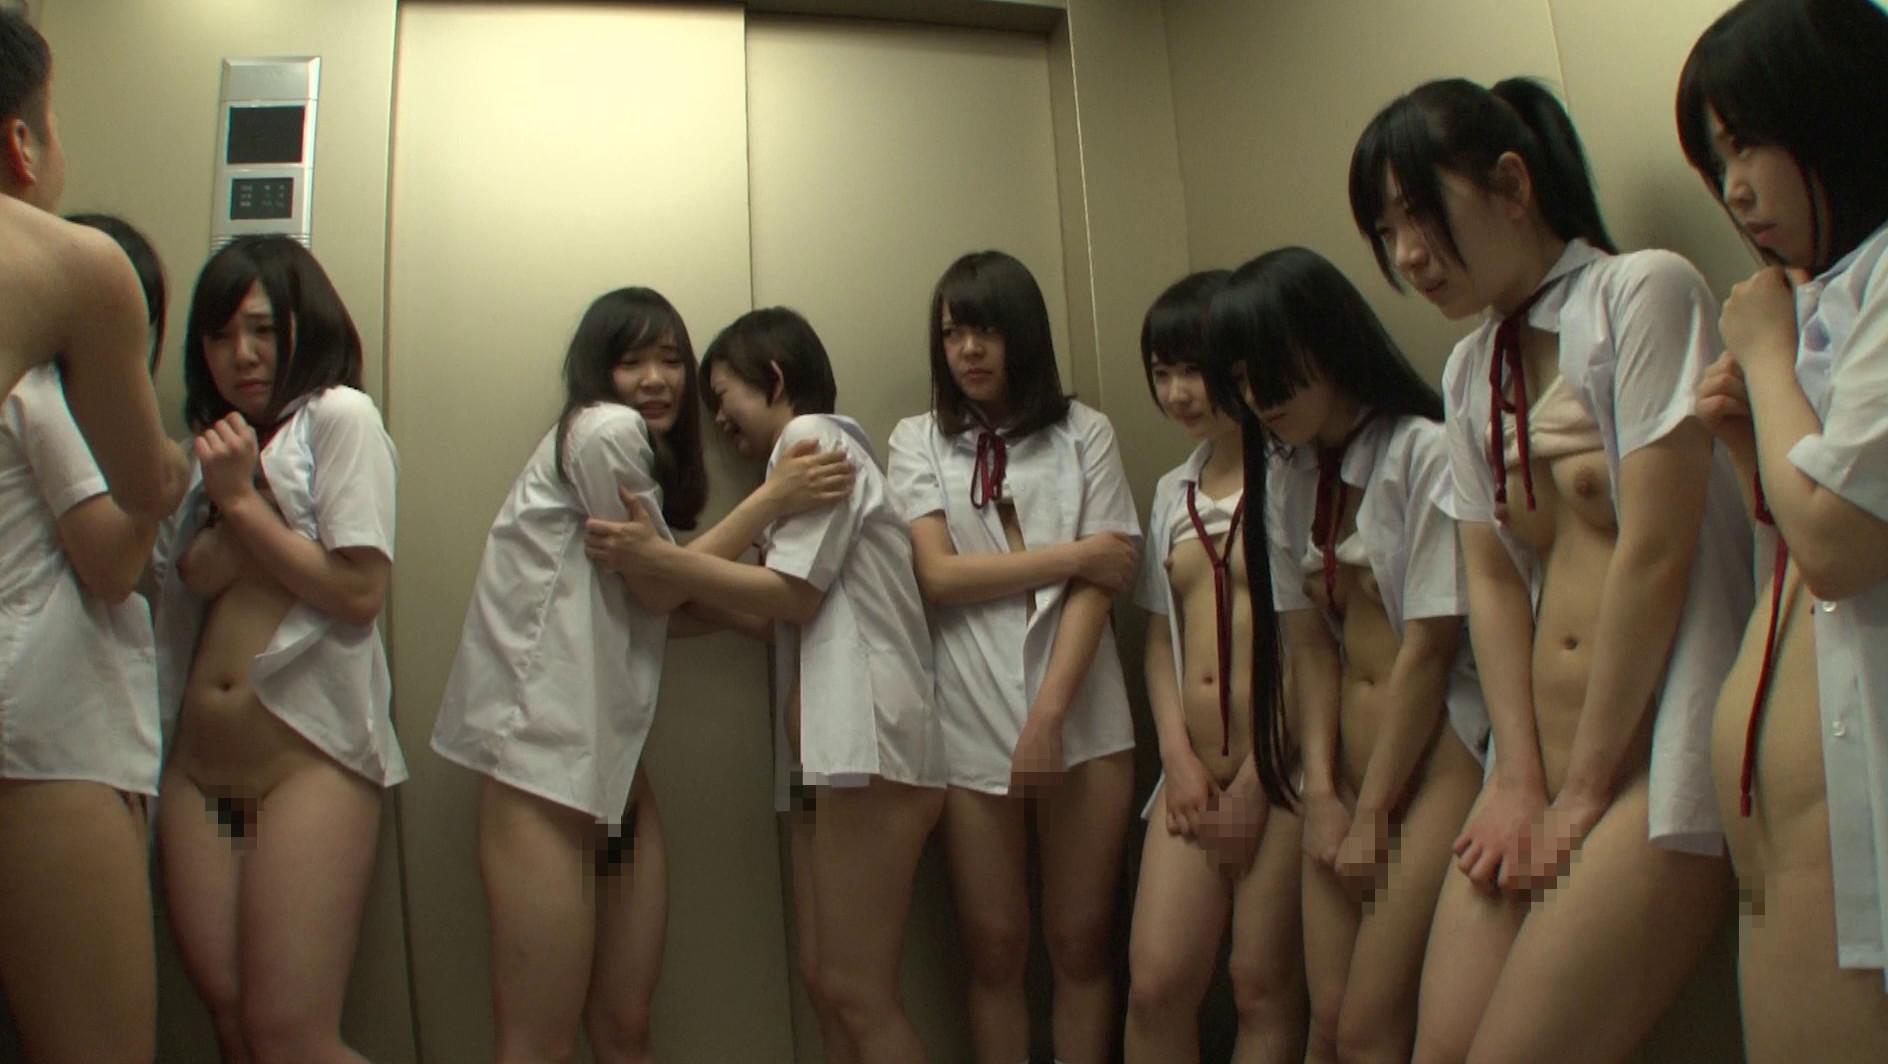 想像してみてください、あなたは教師。10人の純真無垢な●学生と突然エレベーターに閉じ込められたら・・・。あなたが生きている内にやり遂げたかった10のタブー 2 画像21